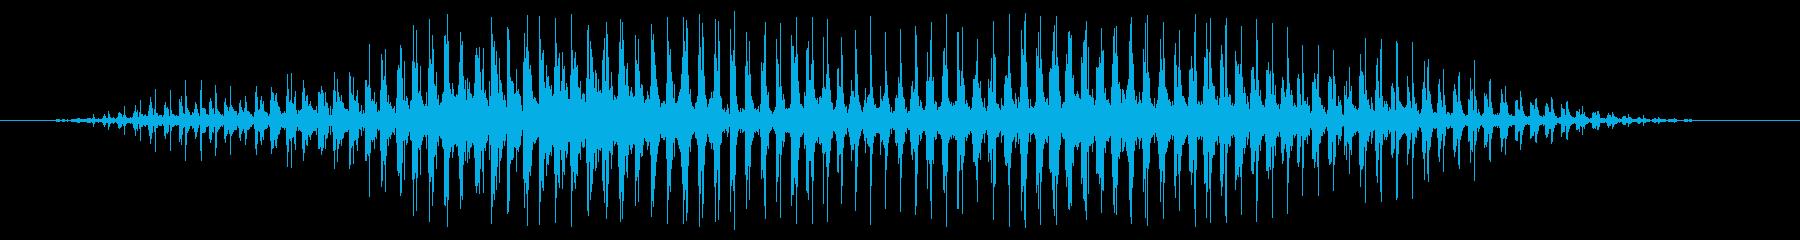 スペースシェーバーのうなり声の再生済みの波形